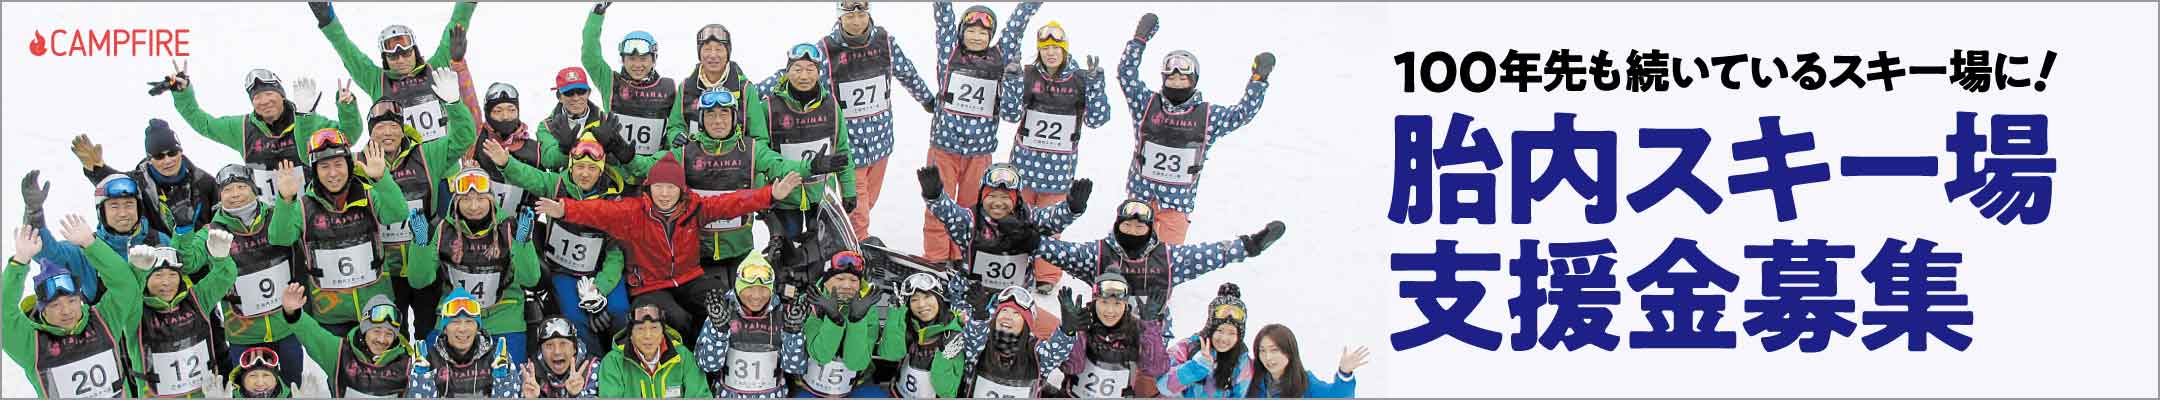 胎内スキー場支援金募集